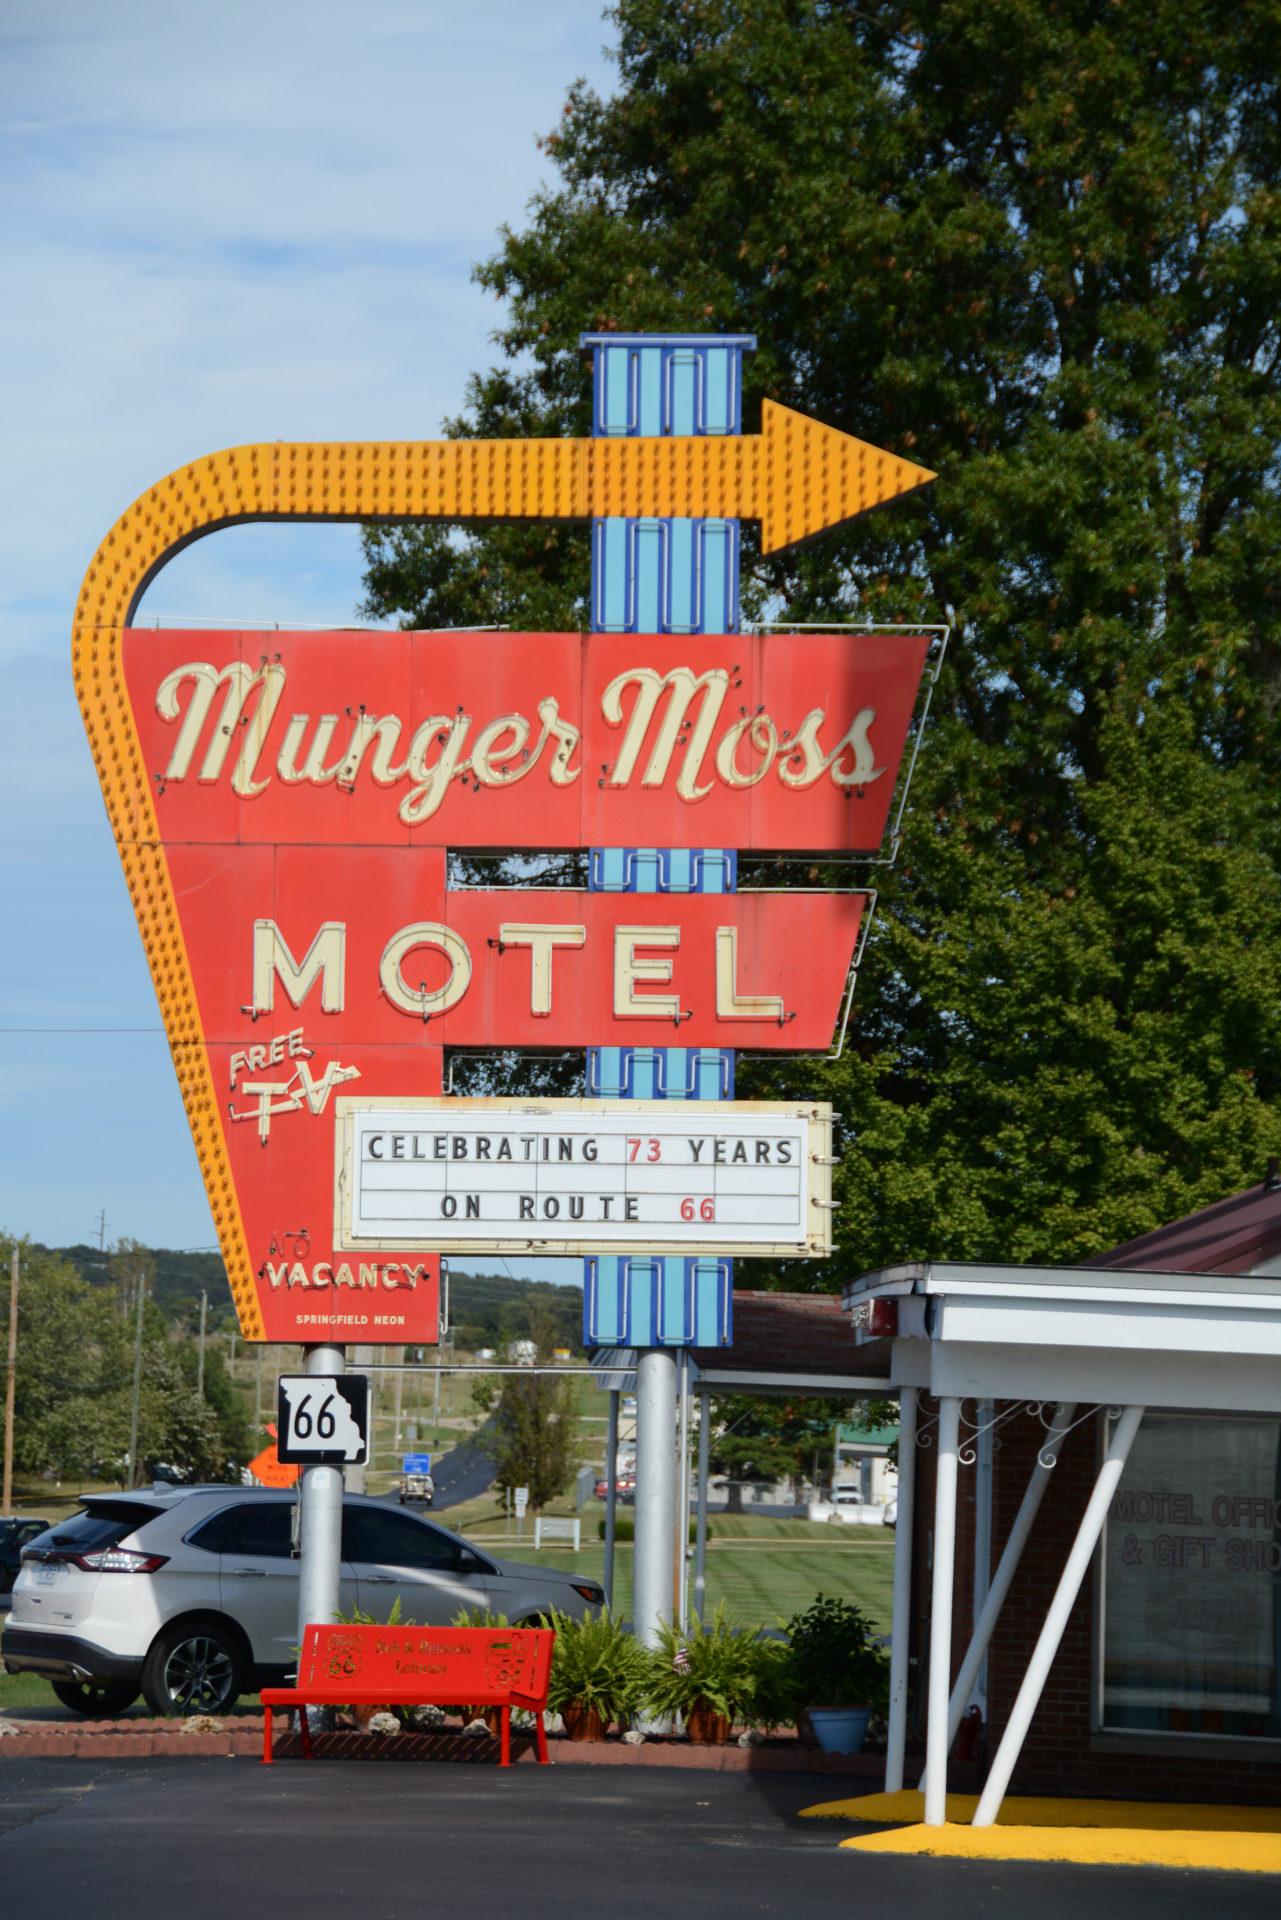 Das Neonschild des Munger Moss Motel in Cuba im US-Bundesstaat Missouri